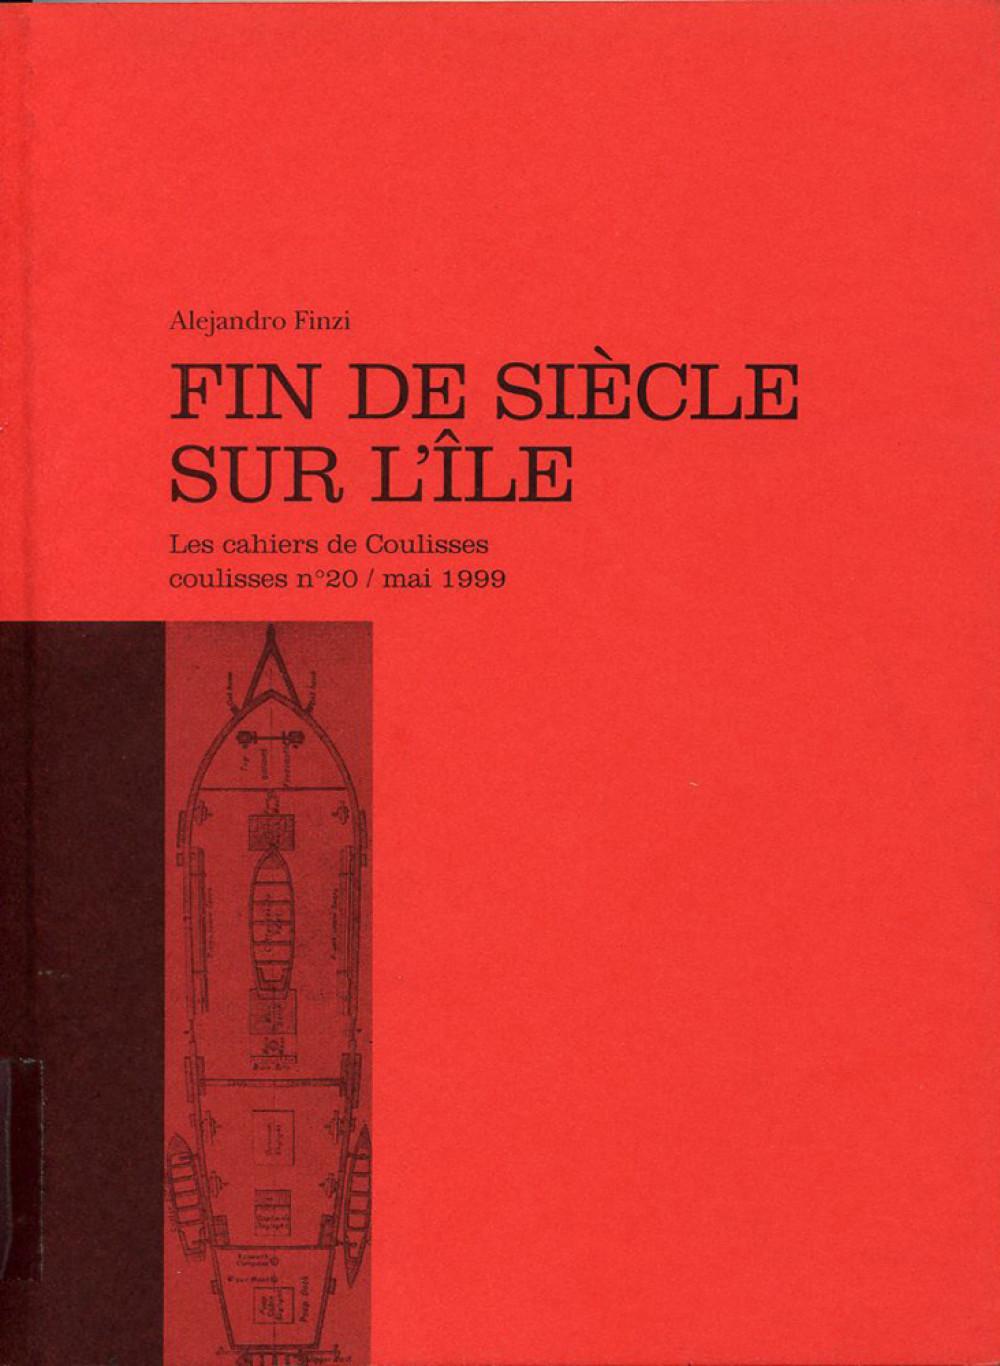 Les cahiers de Coulisses : Fin de siècle sur l'île